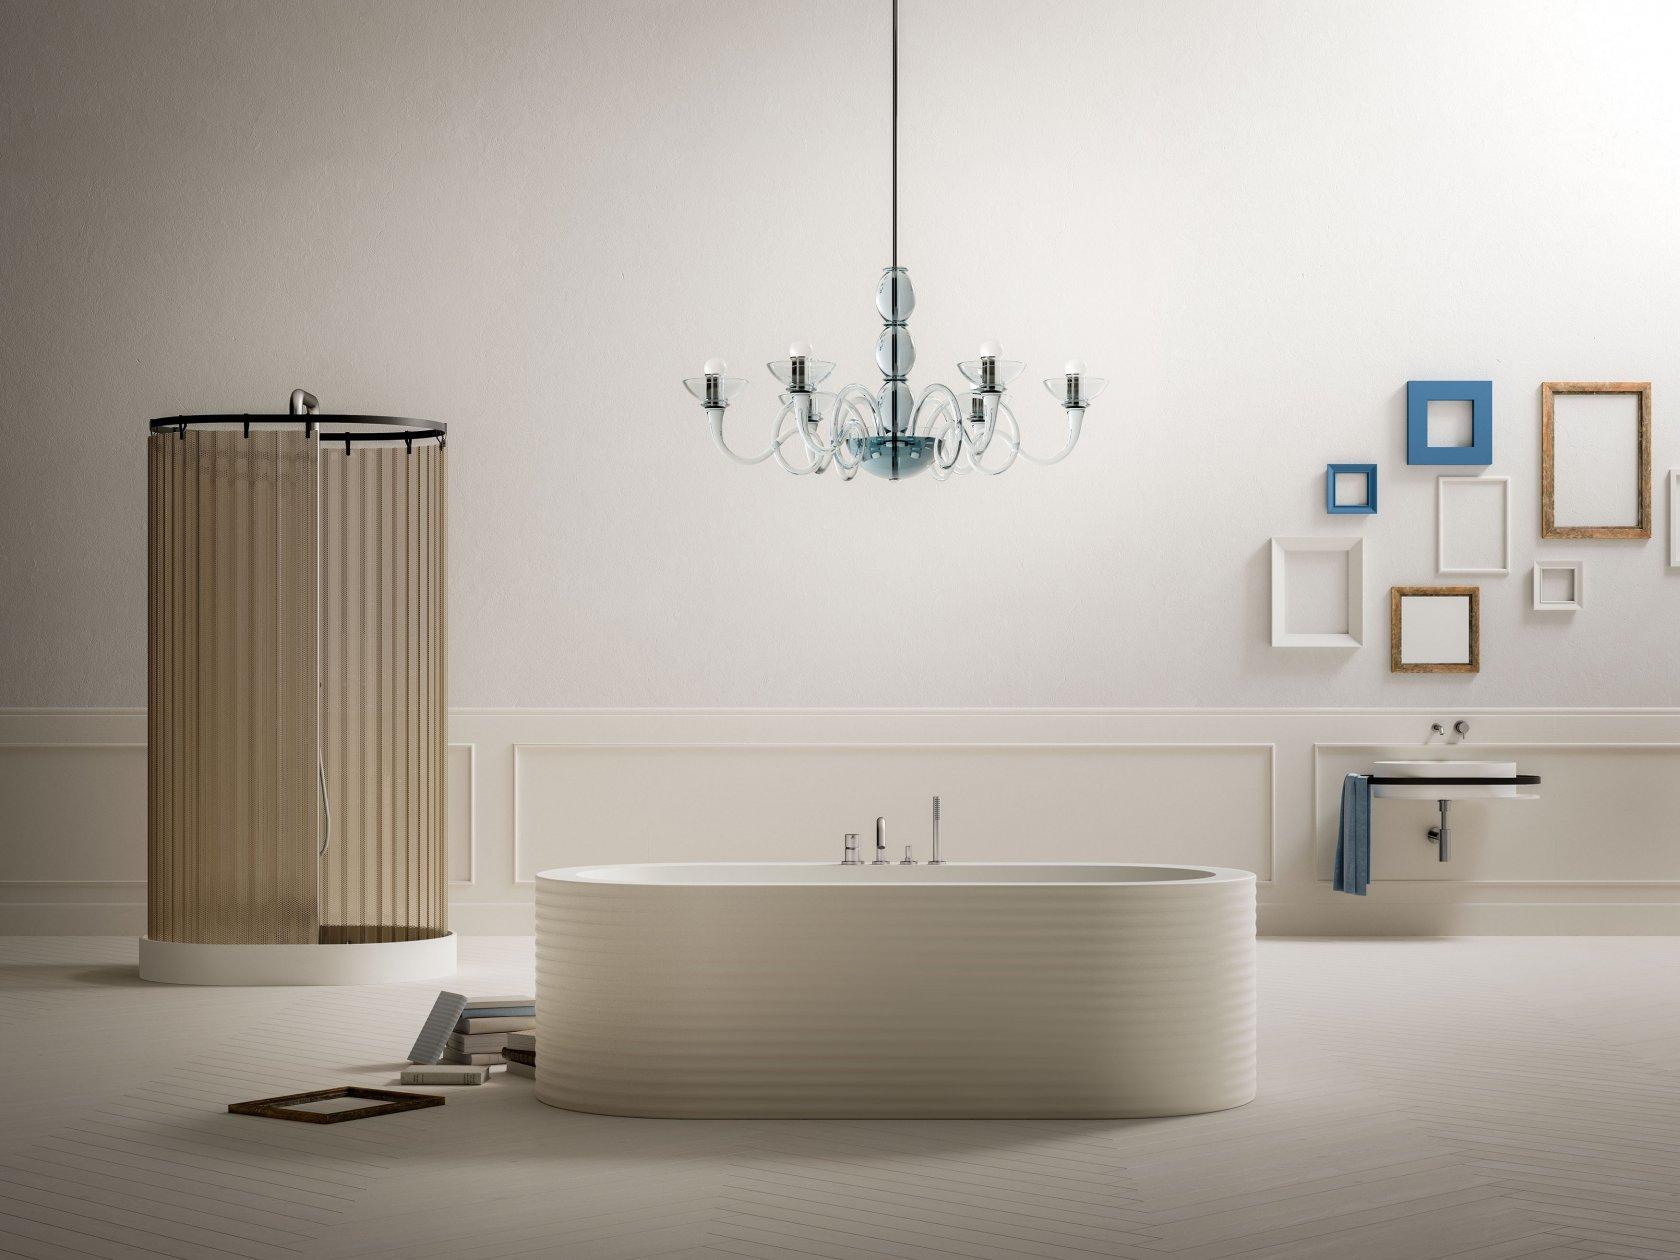 Vasca Da Bagno Materiali : Design ricercati e materiali di qualità nella nuova collezione di